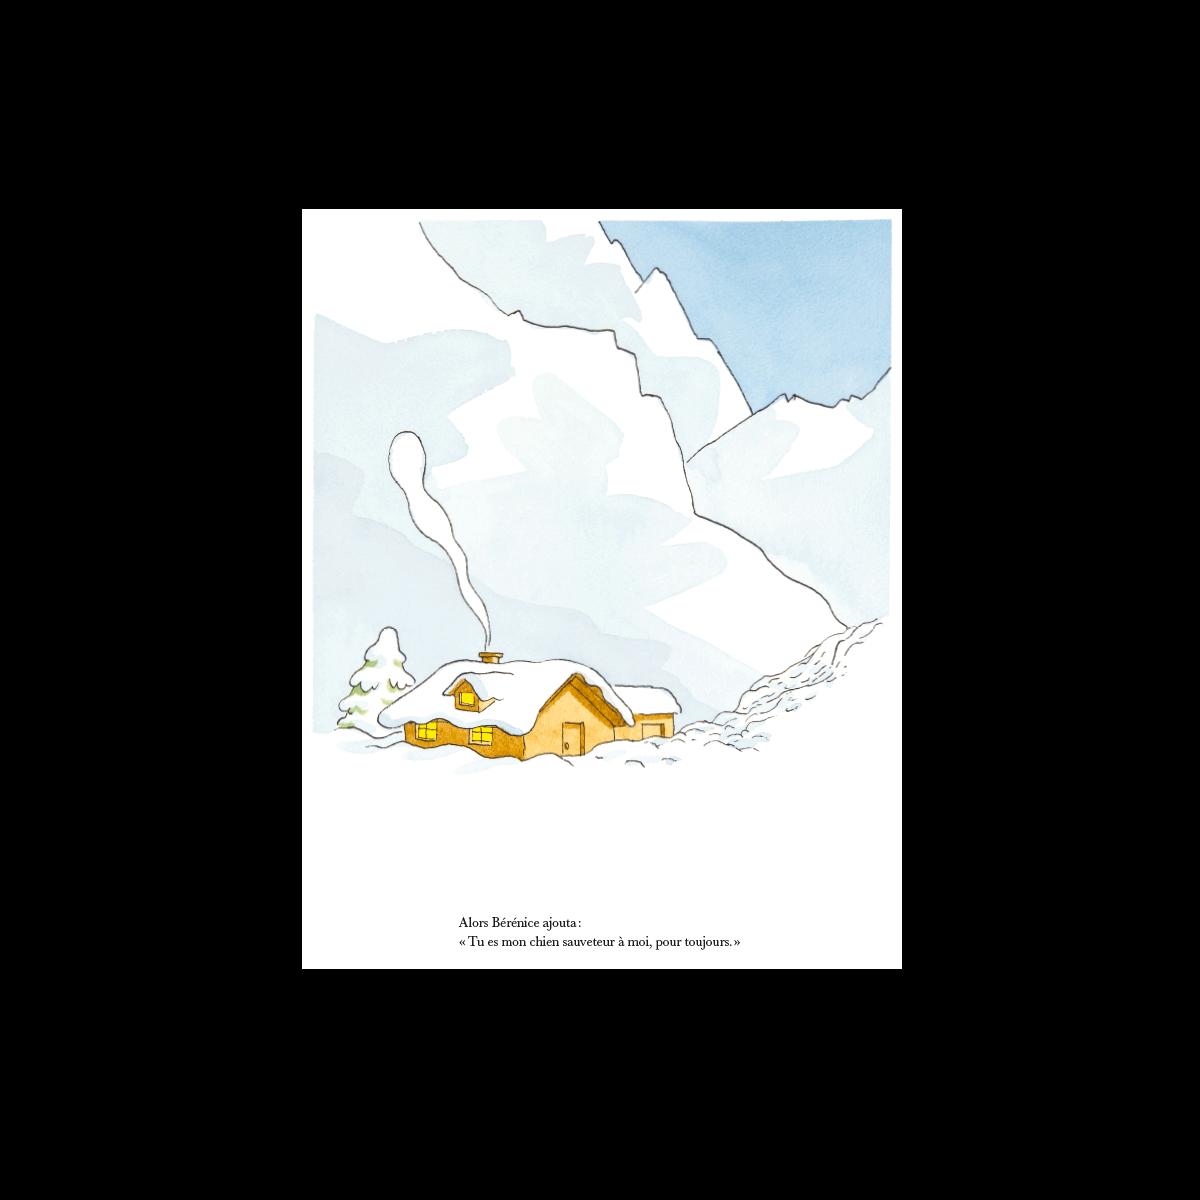 chien-bernard-p4